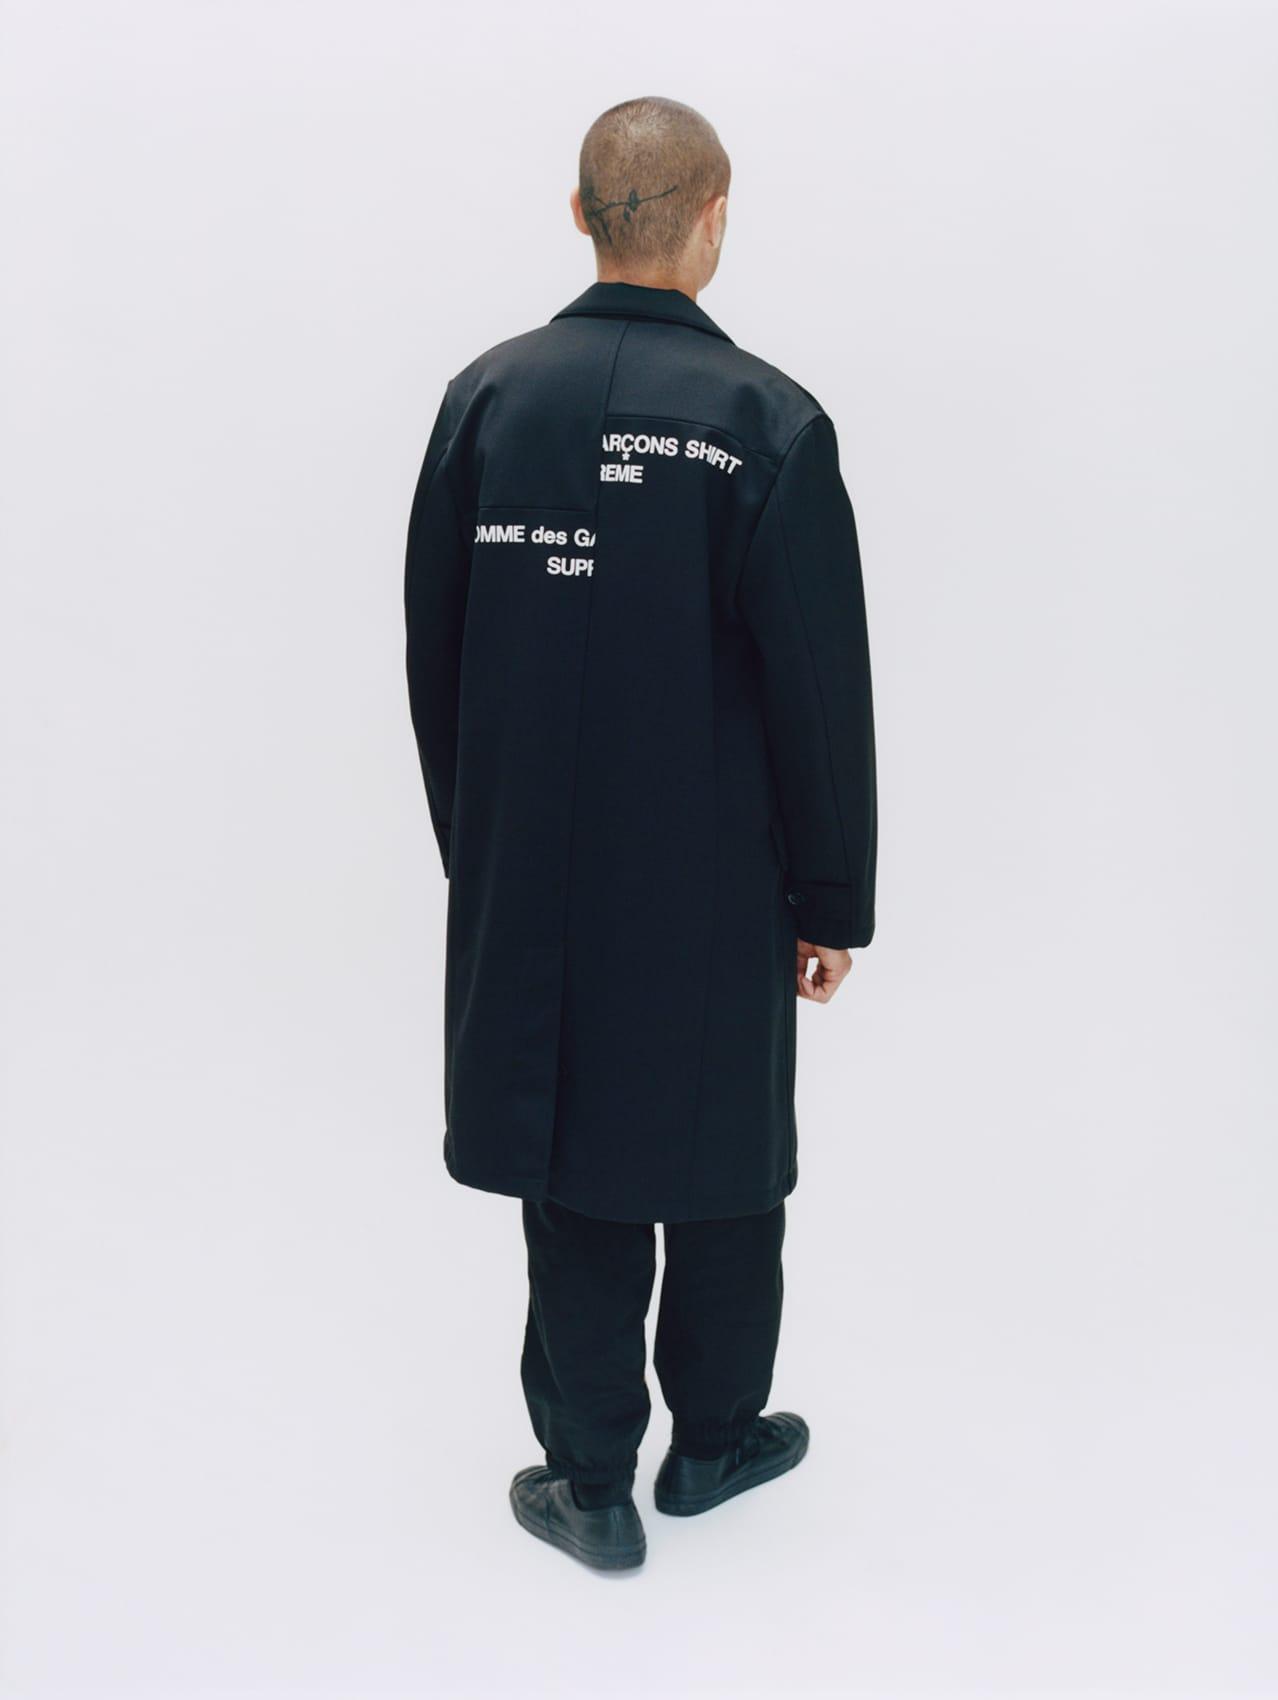 Supreme x CDG Shirt FW18 Collection